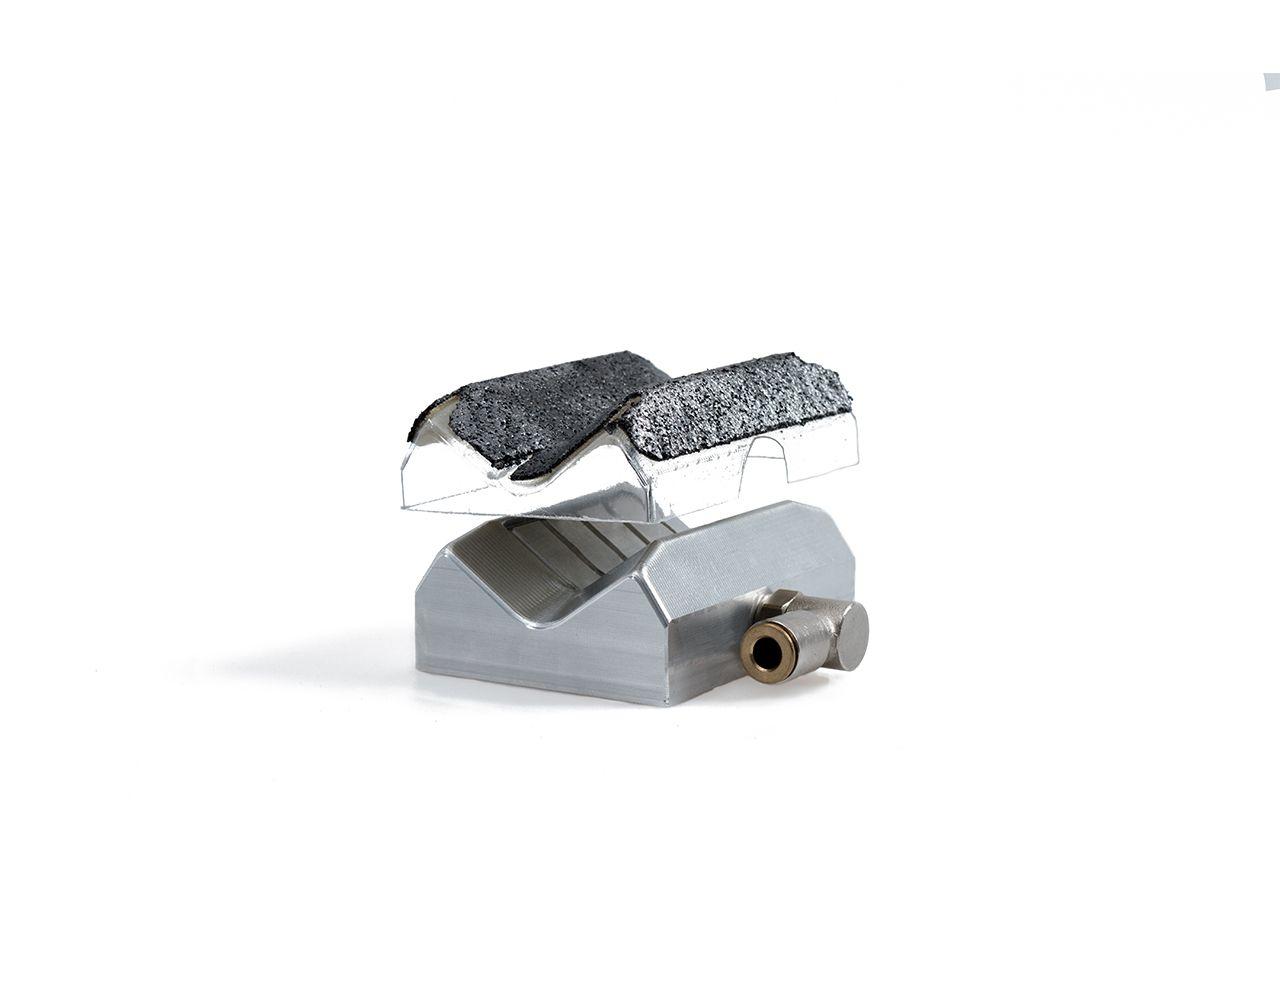 arminius-schleifmittel-start-produkte-schleifschuhe-produkt-slider-3